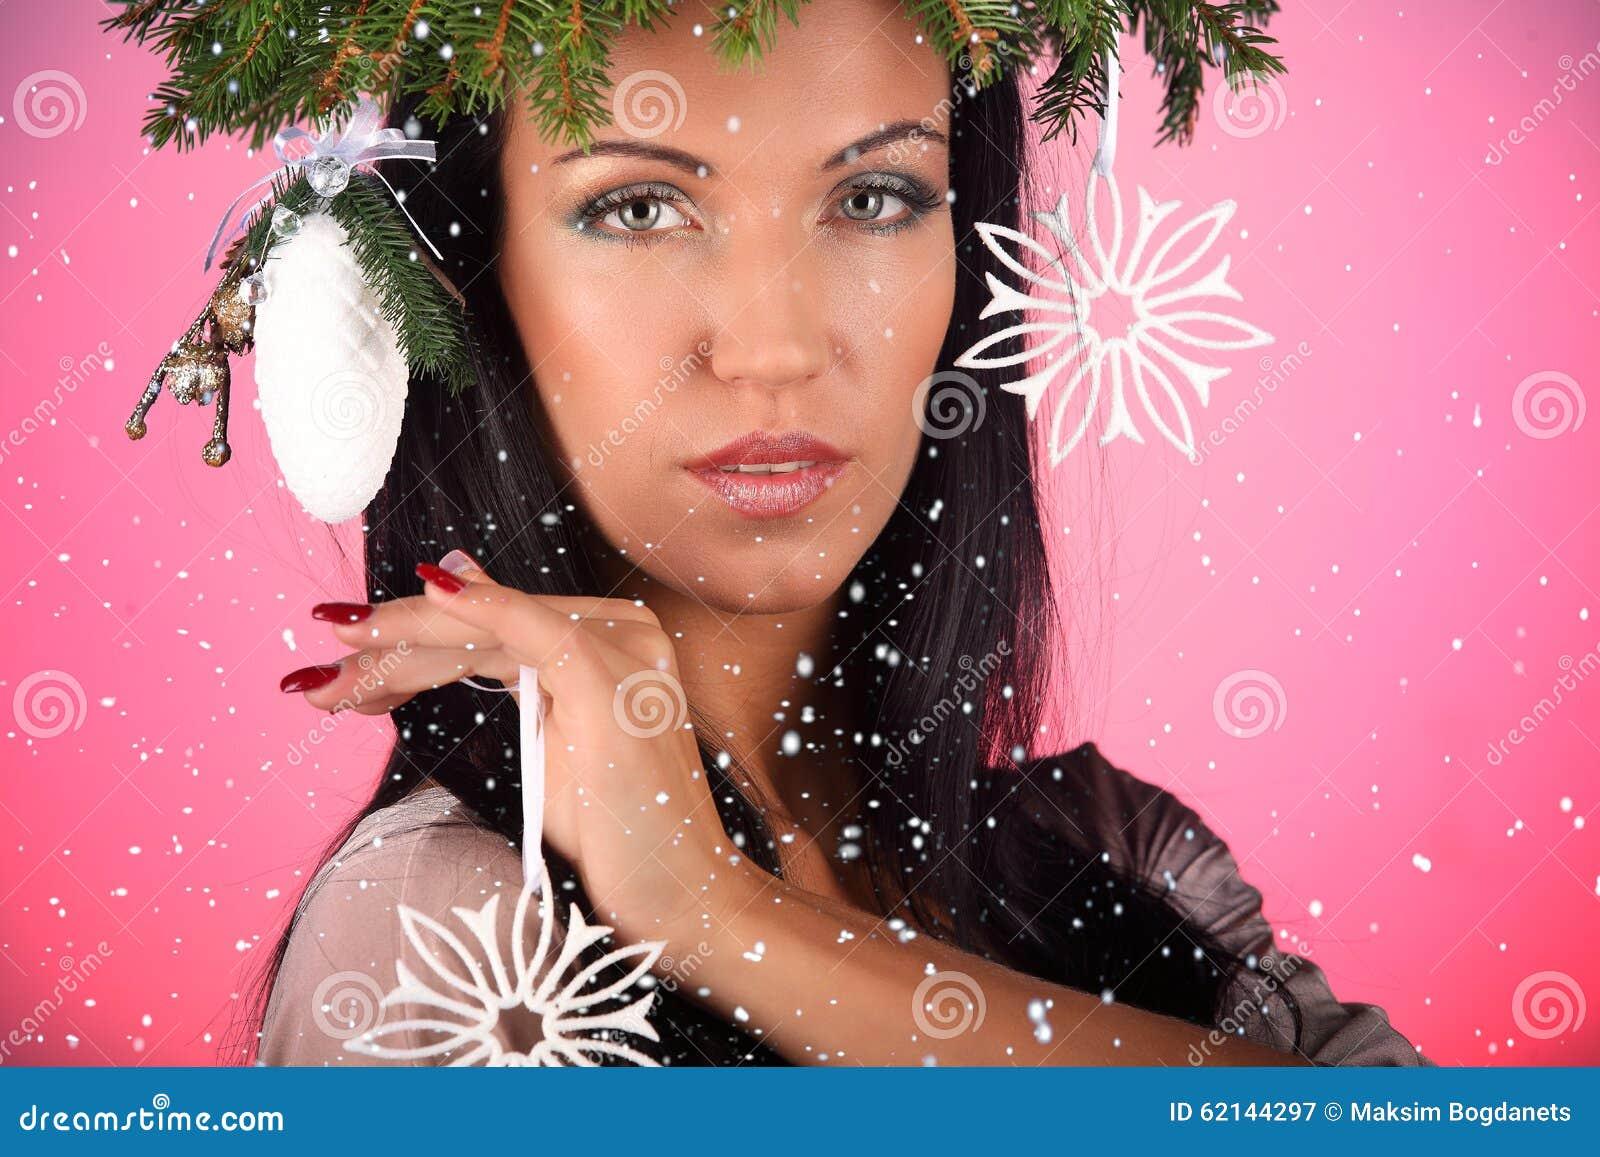 Schonheits Mode Modell Girl Mit Weihnachtsbaum Frisurrosahintergrund